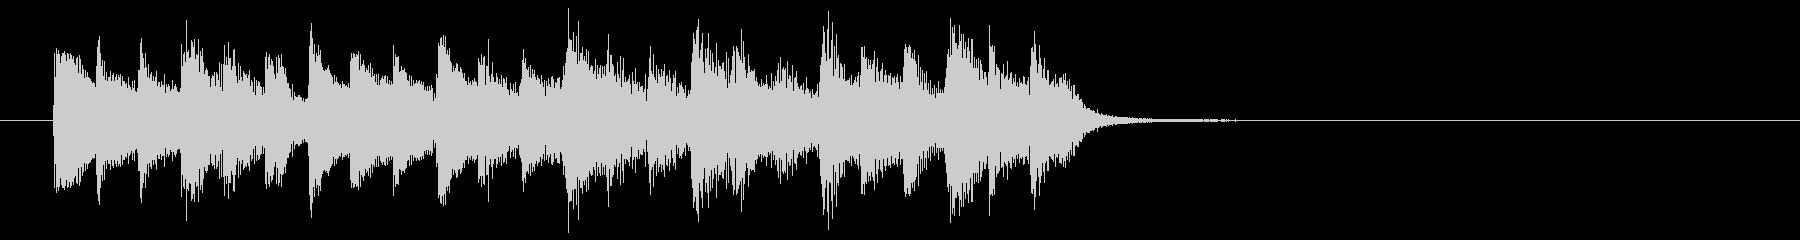 神秘的な森の中のようなBGM_ループ用2の未再生の波形